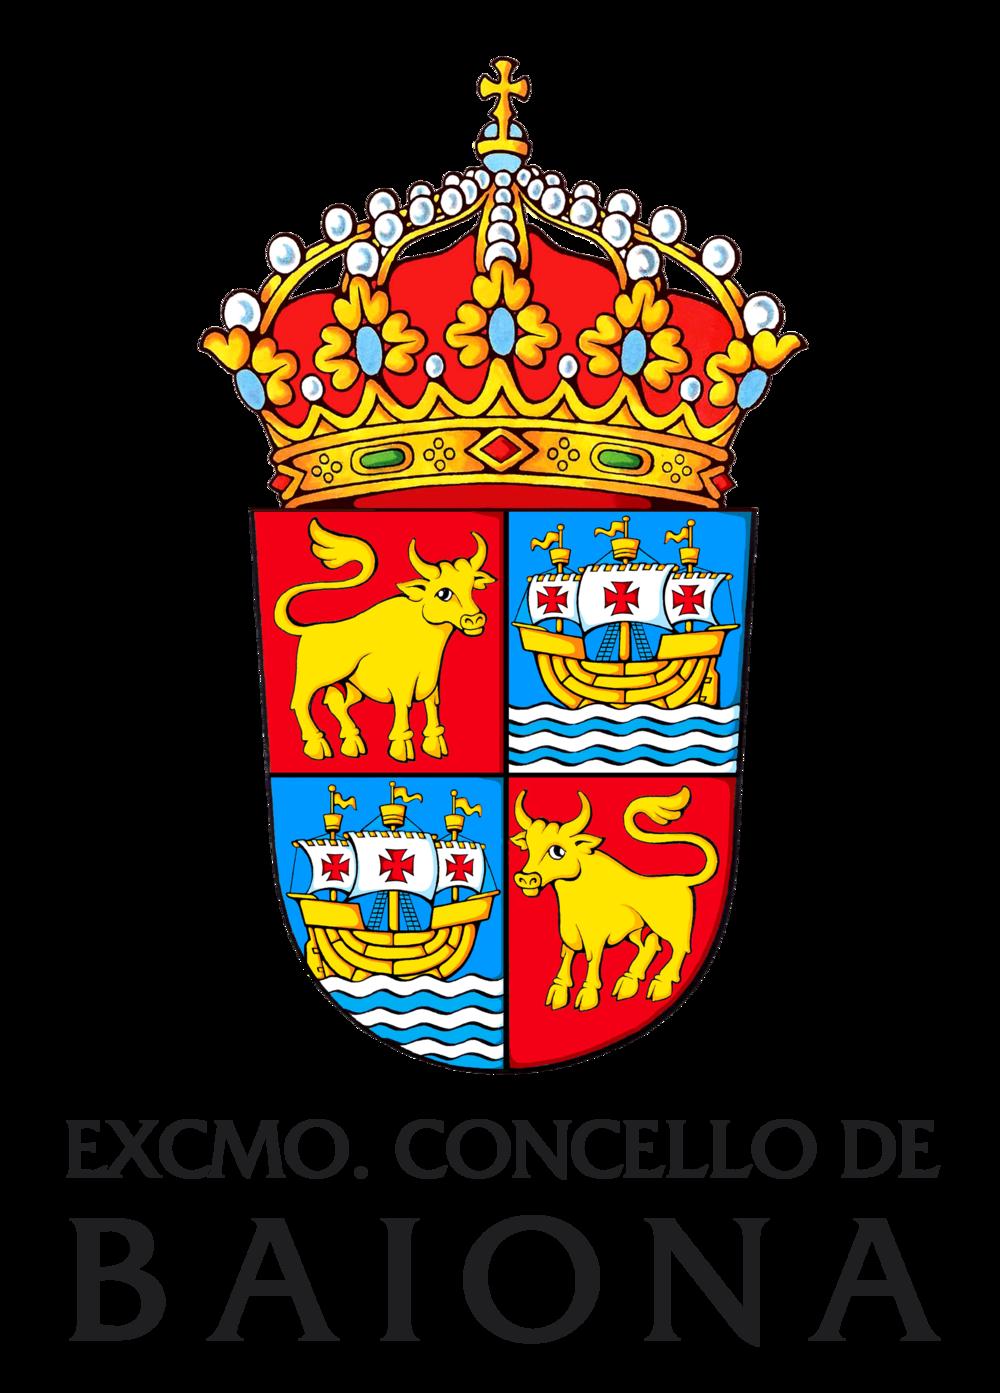 Concello de Baiona.png